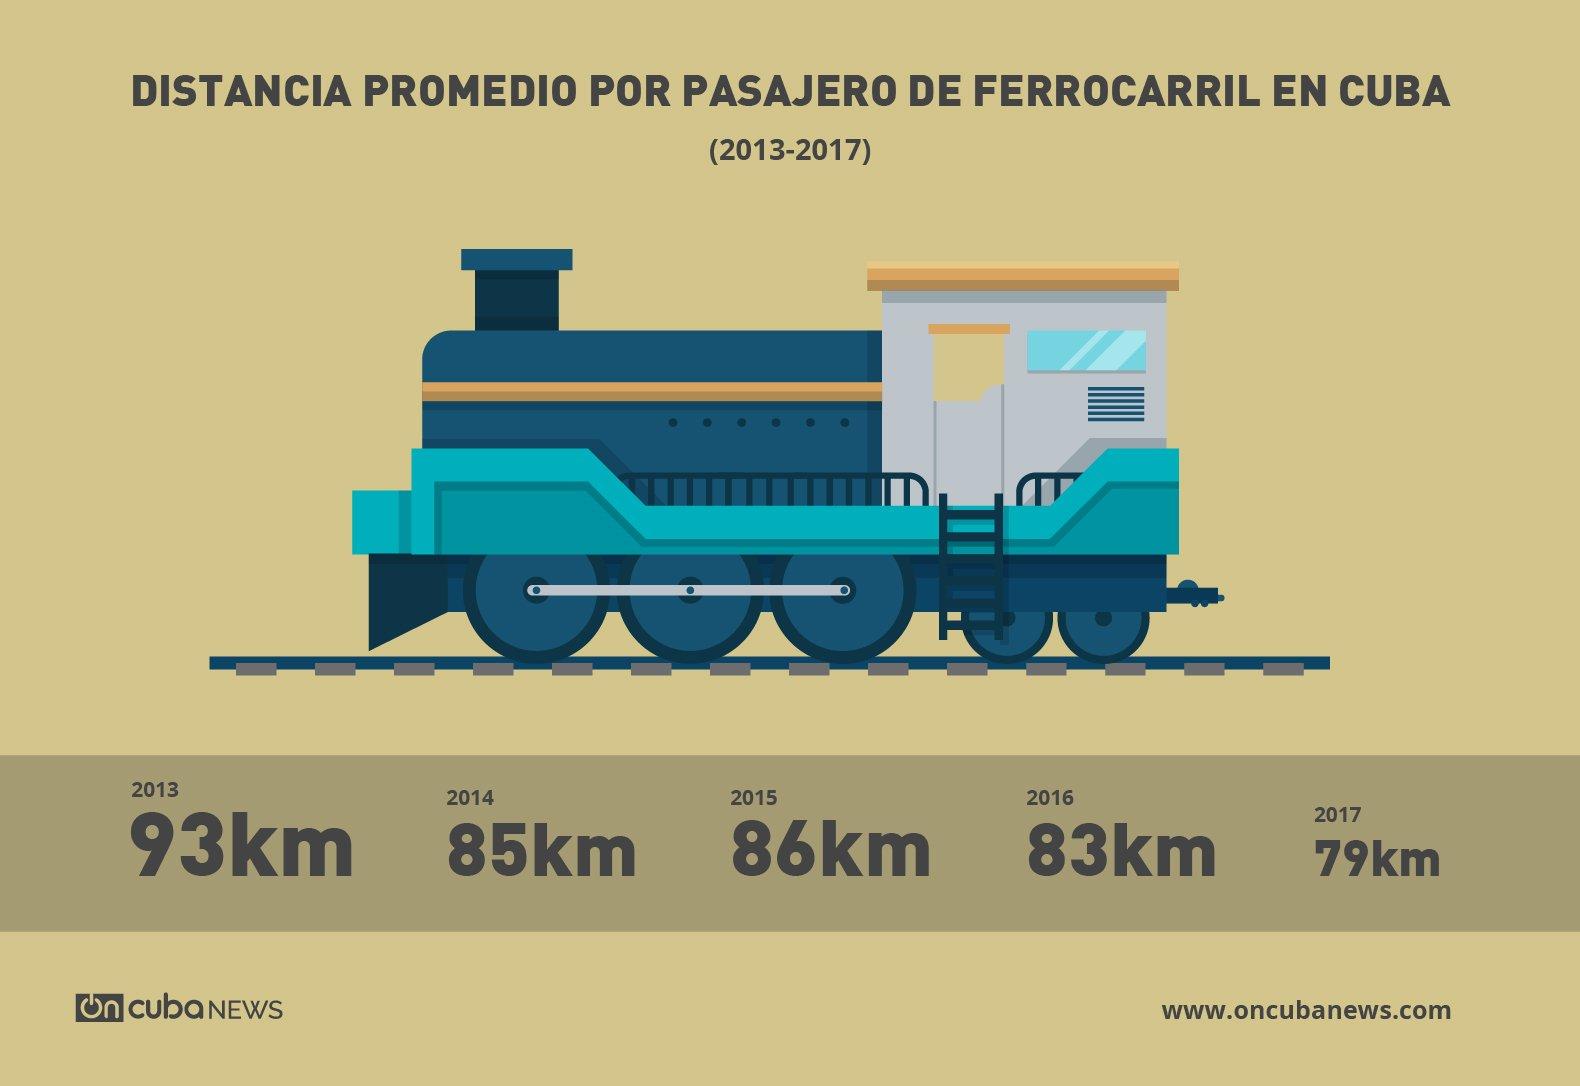 trenes 03 1 - Nuevos trenes cubanos: vagones chinos pasaron las pruebas técnicas para varios itinerarios